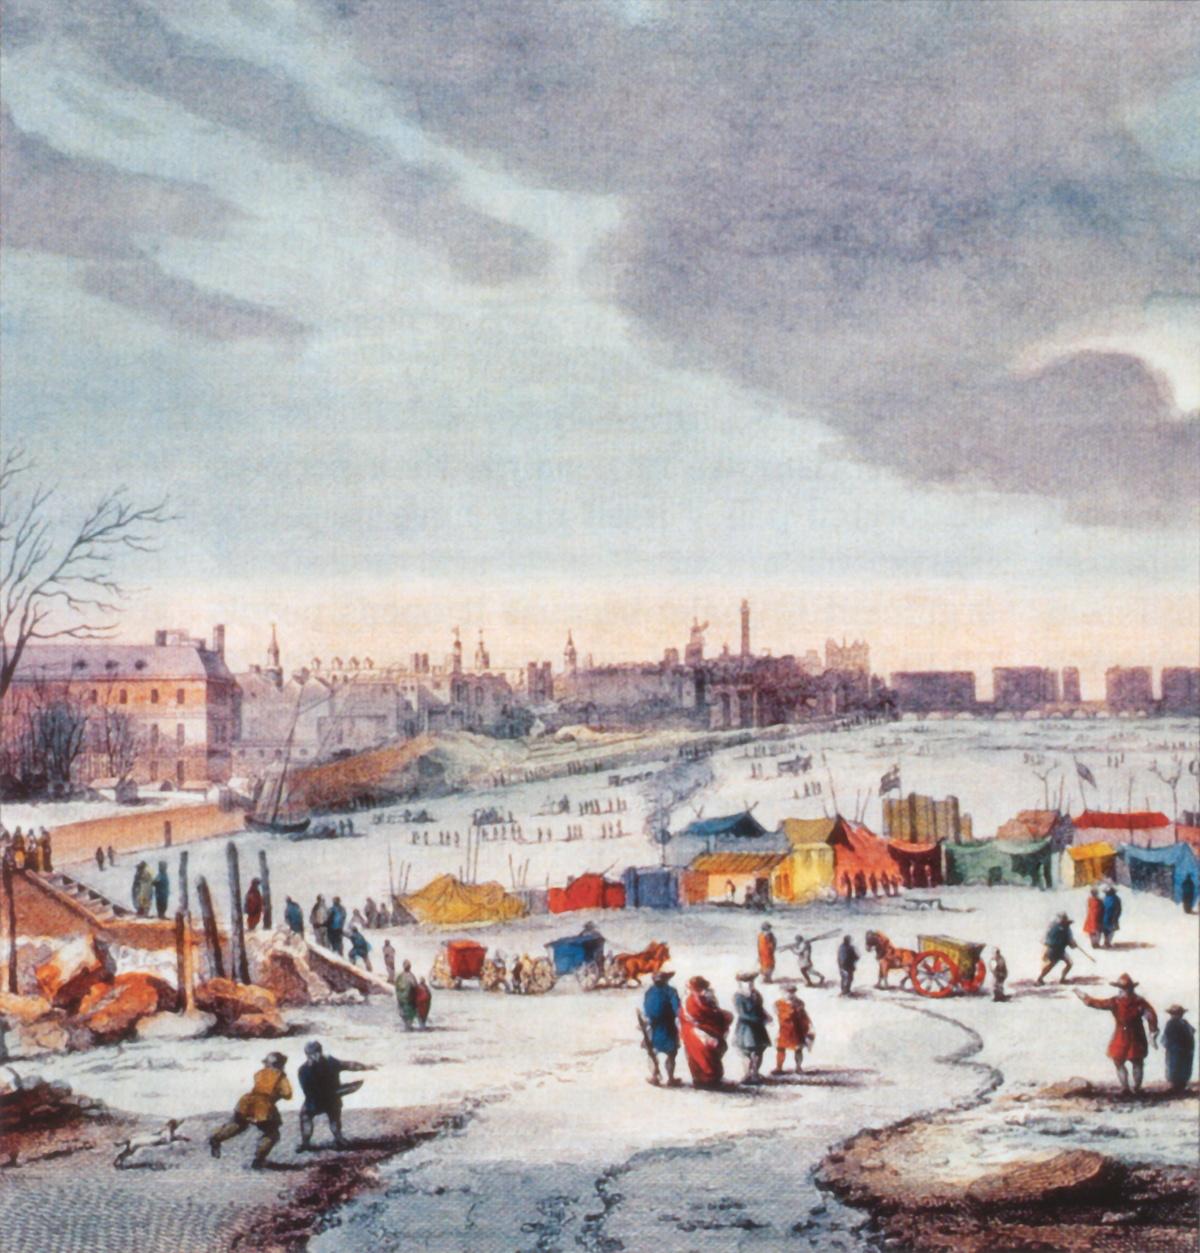 Plaisirs d'hiver sur la Tamise à Londres au cours de l'hiver 1683.